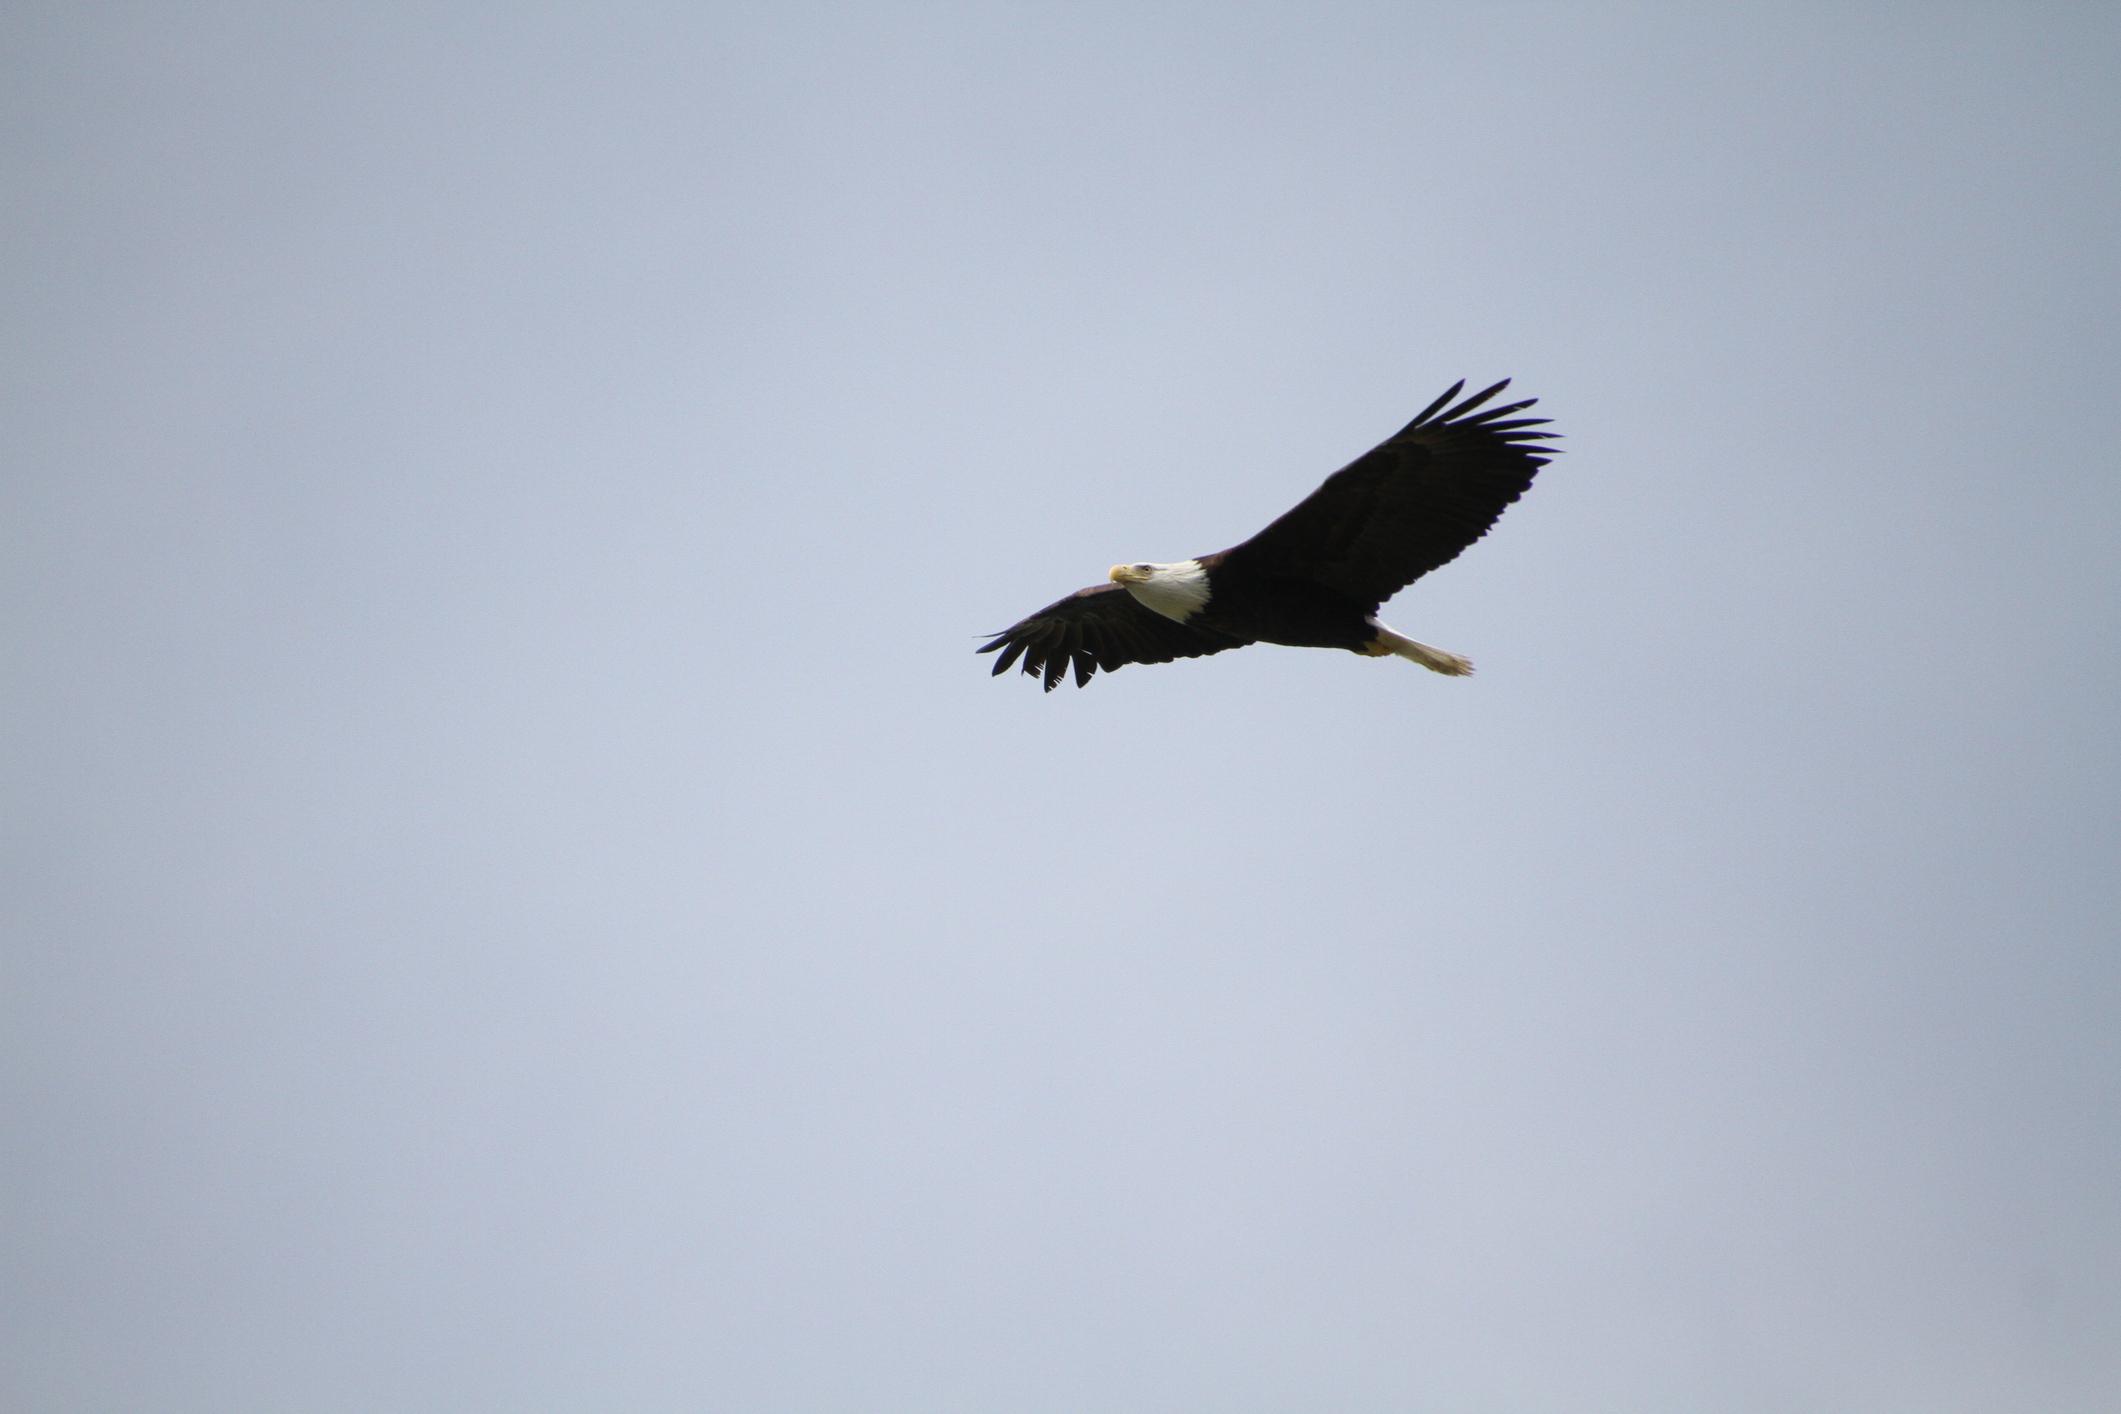 eagle david osmond licensed